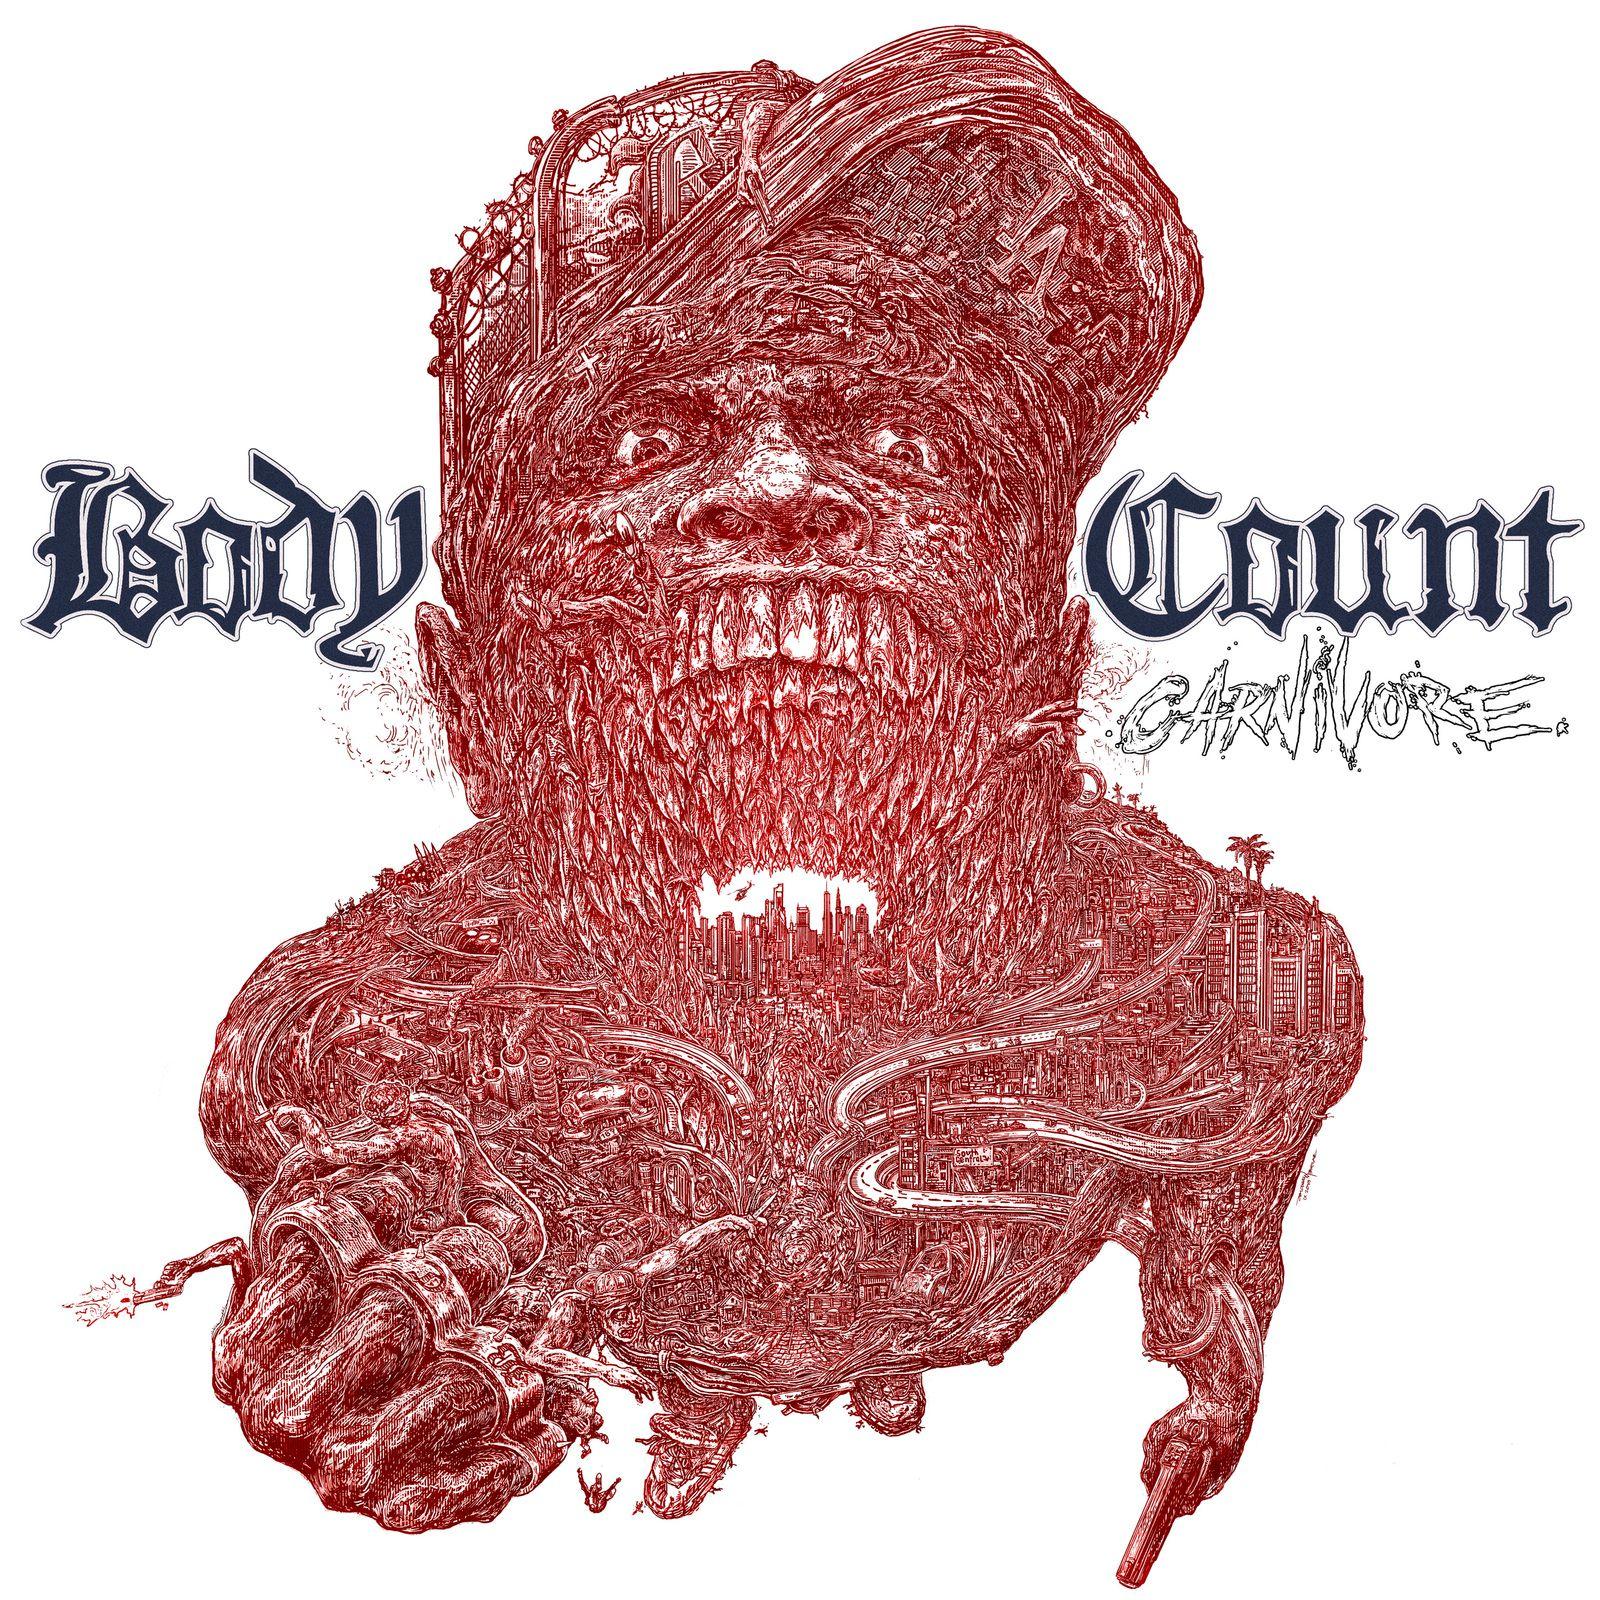 #bodycount #carnivore #loudtv #chronique #chroniquebodycount #webzine